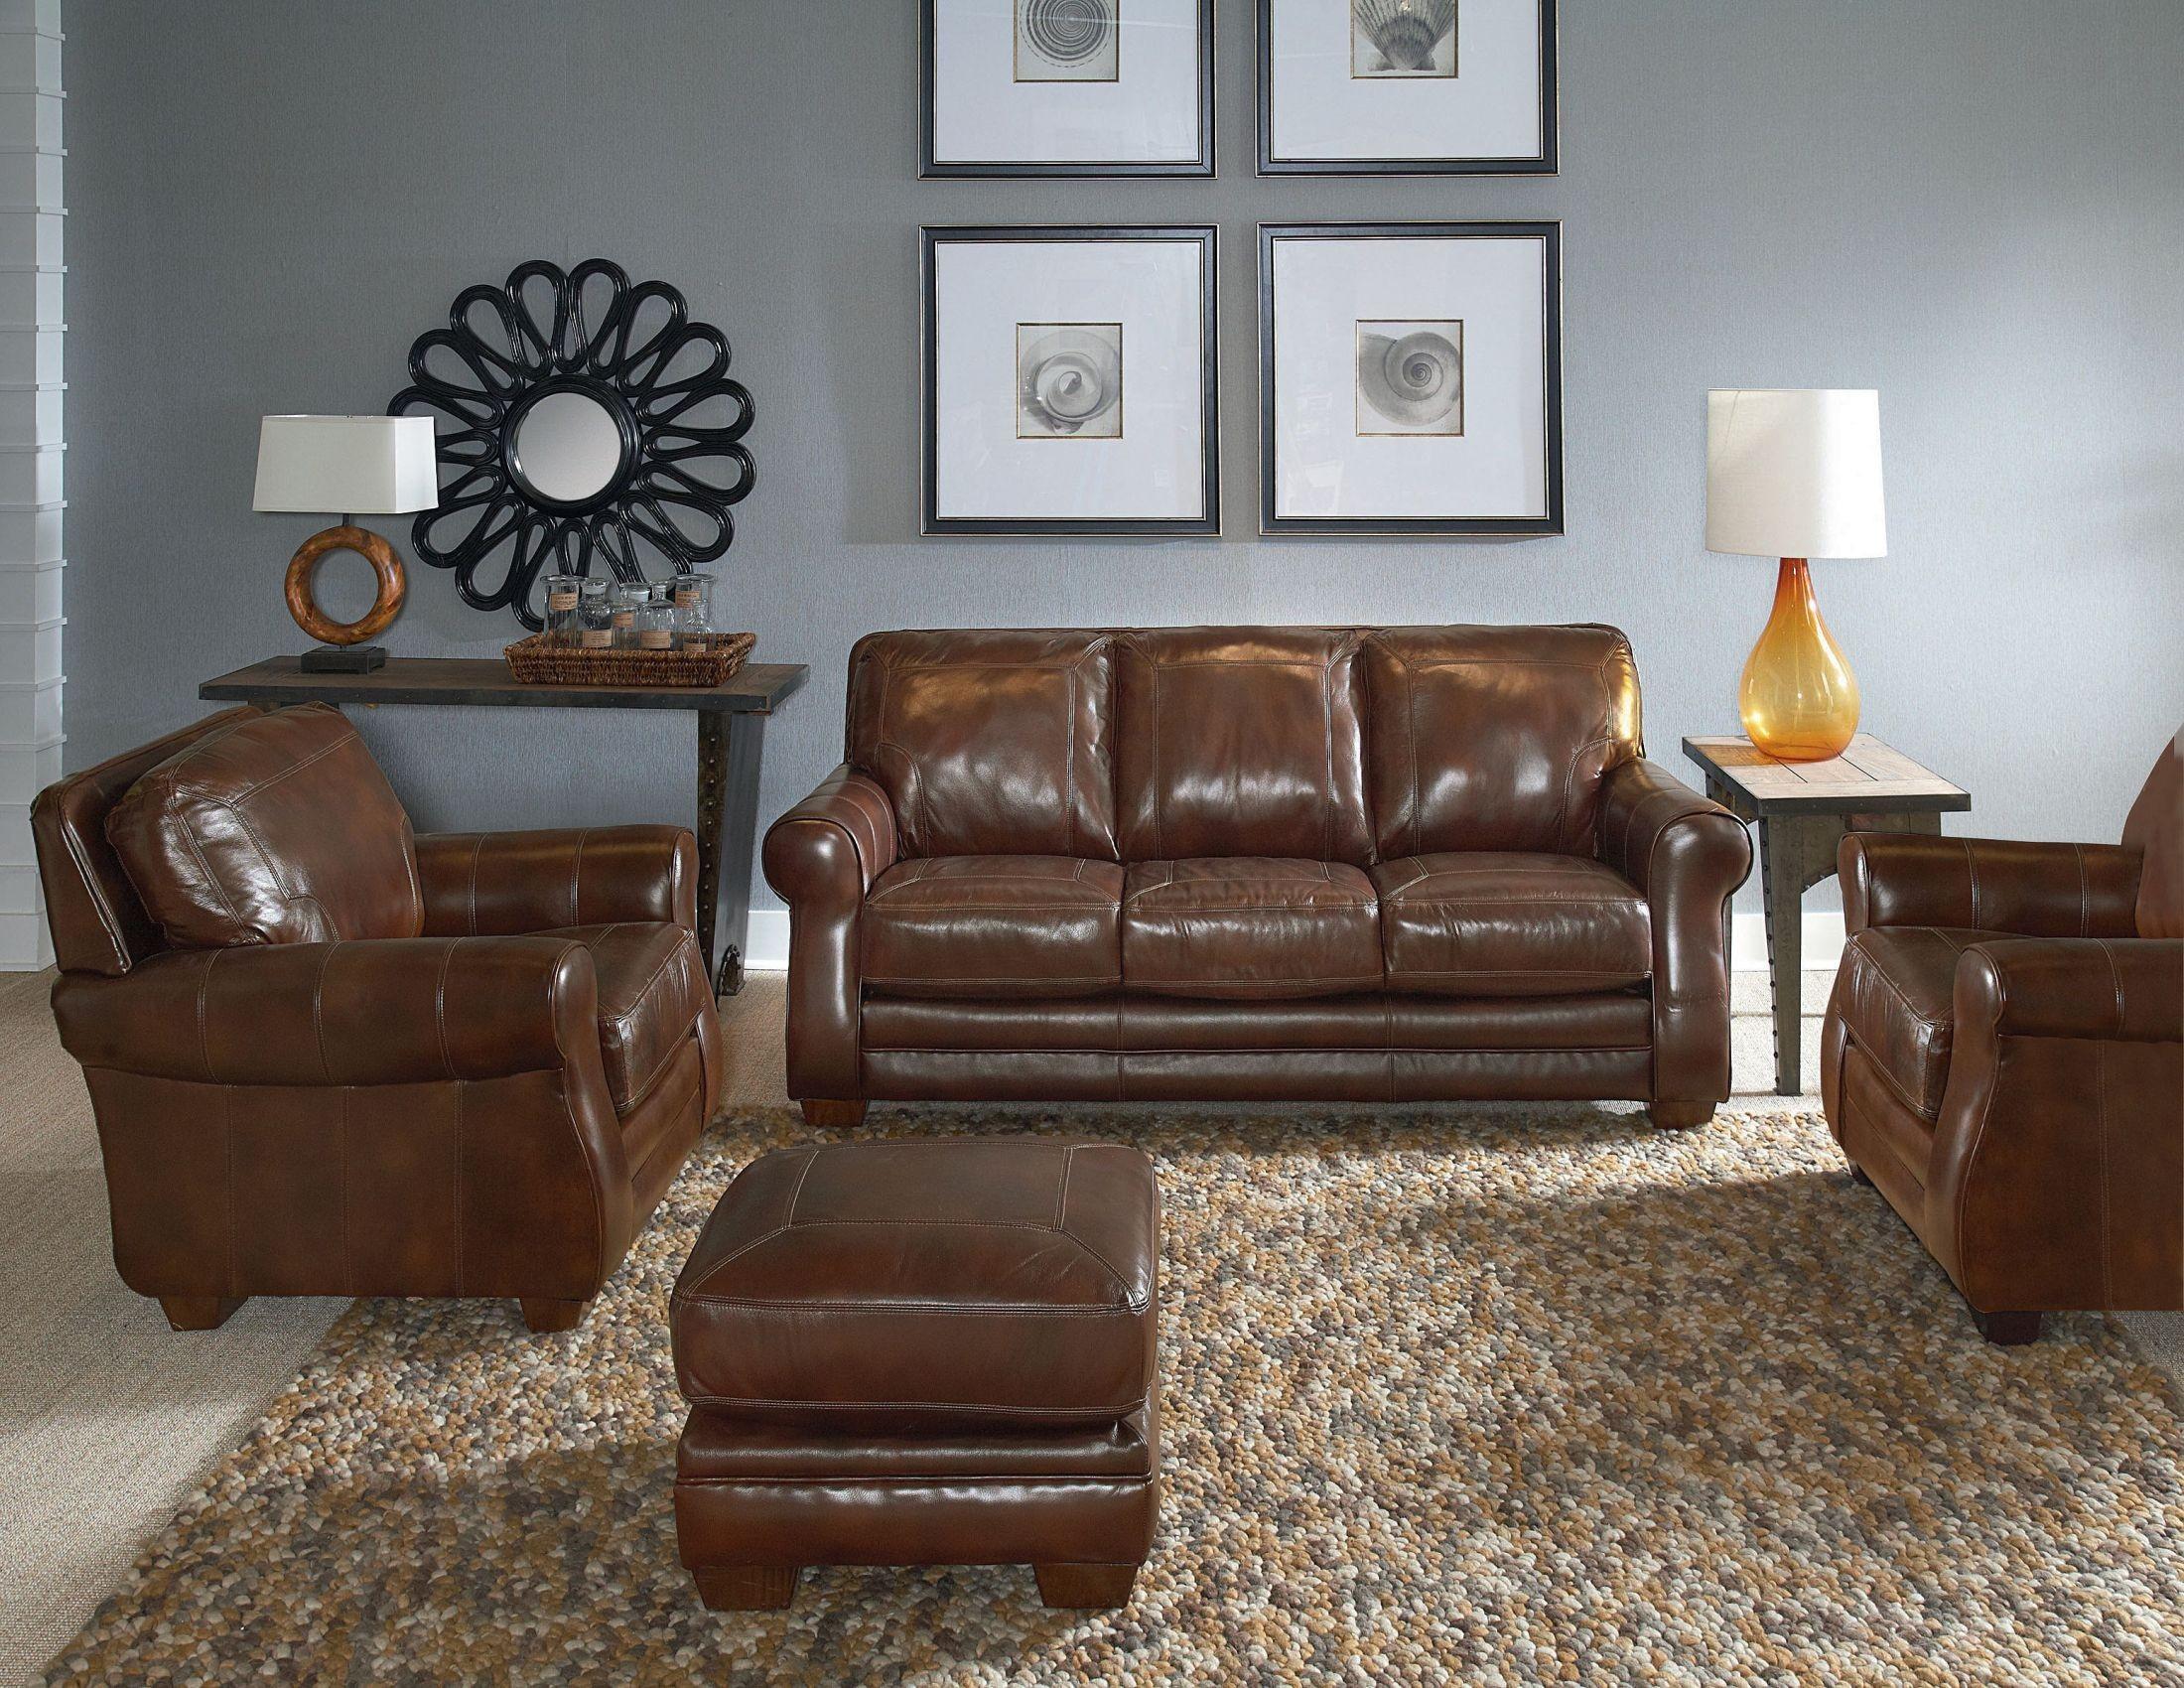 Bowden Chestnut Living Room Set From Lane 548 30 20 144